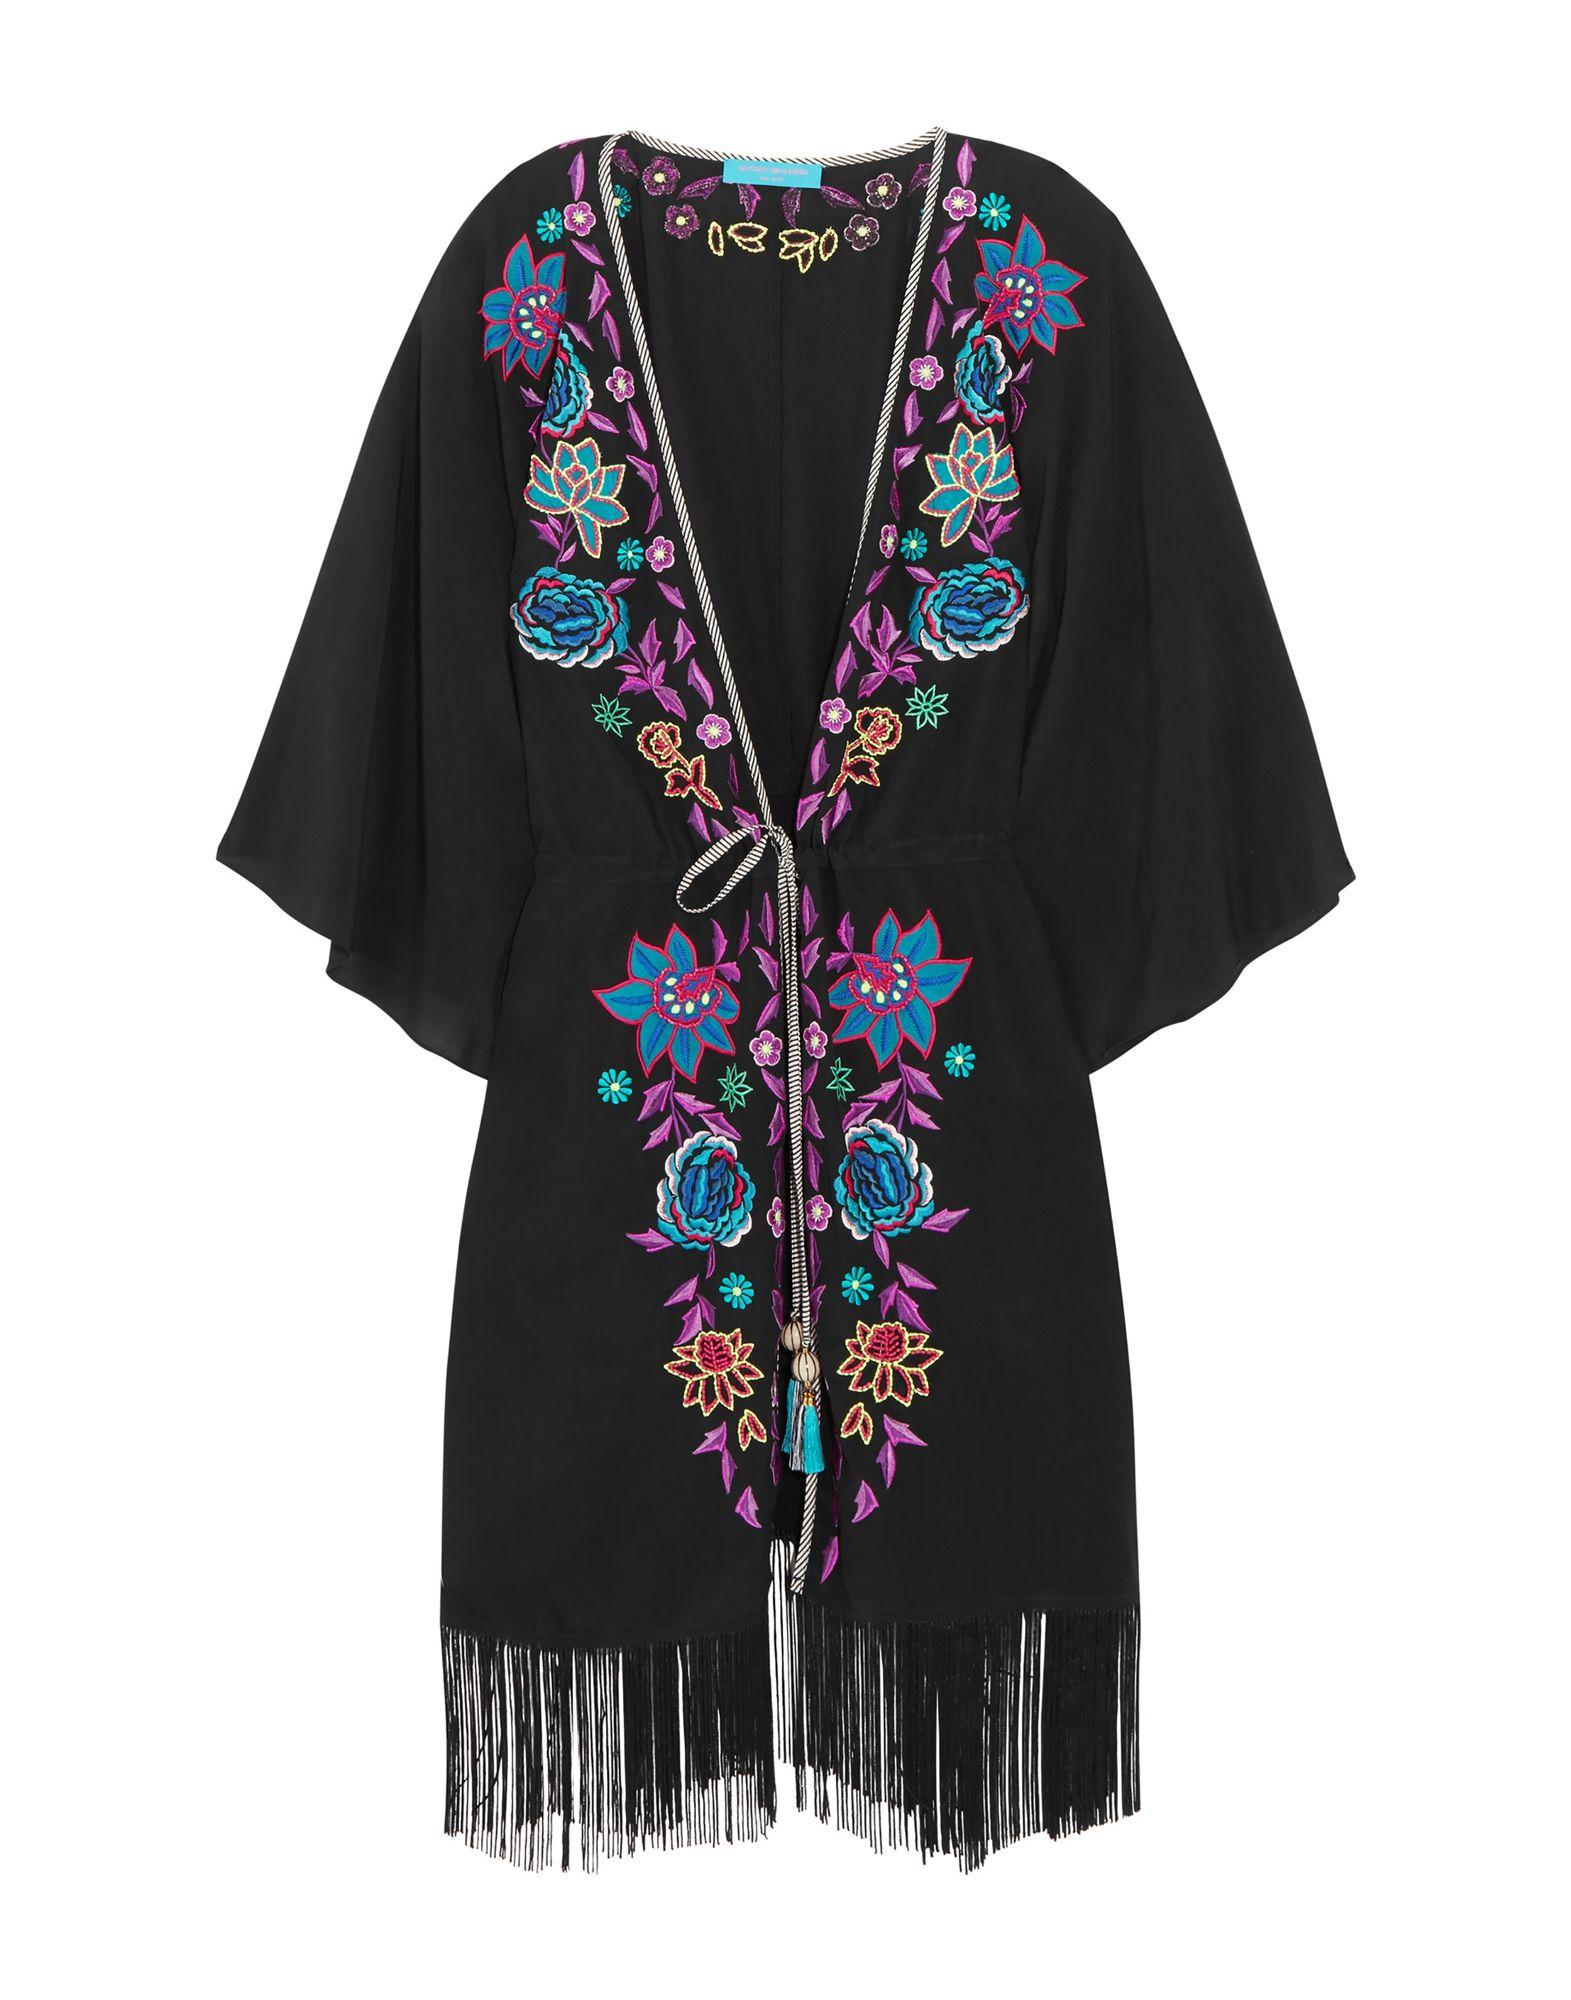 MATTHEW WILLIAMSON Пляжное платье длинное платье с принтом matthew williamson длинное платье с принтом